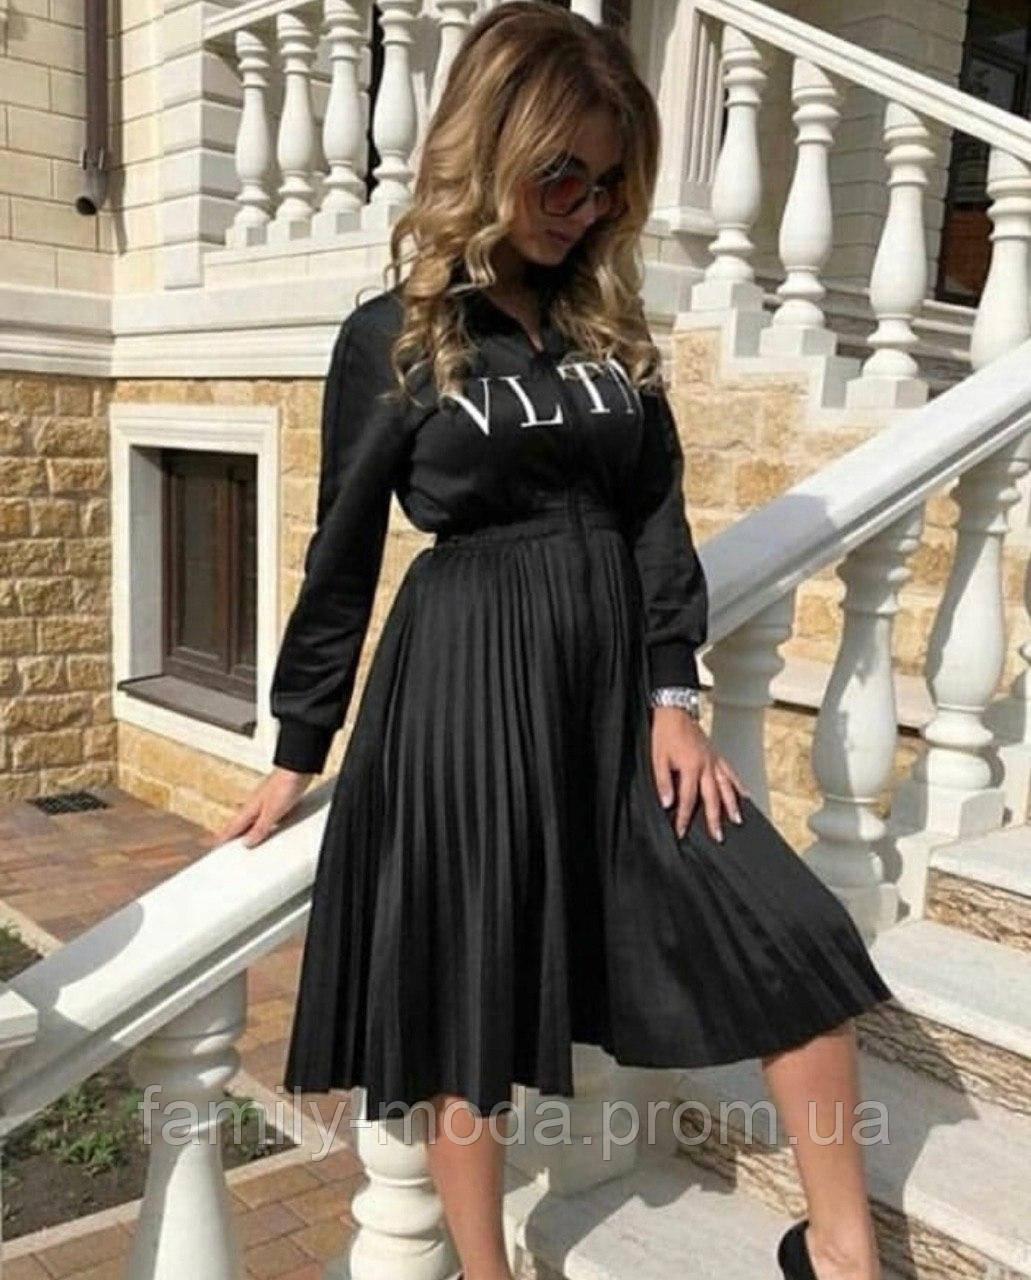 d682c596c9a Платье женское ниже колен с плессированной юбкой Valentin - Cемейная мода -  одежда и обувь для